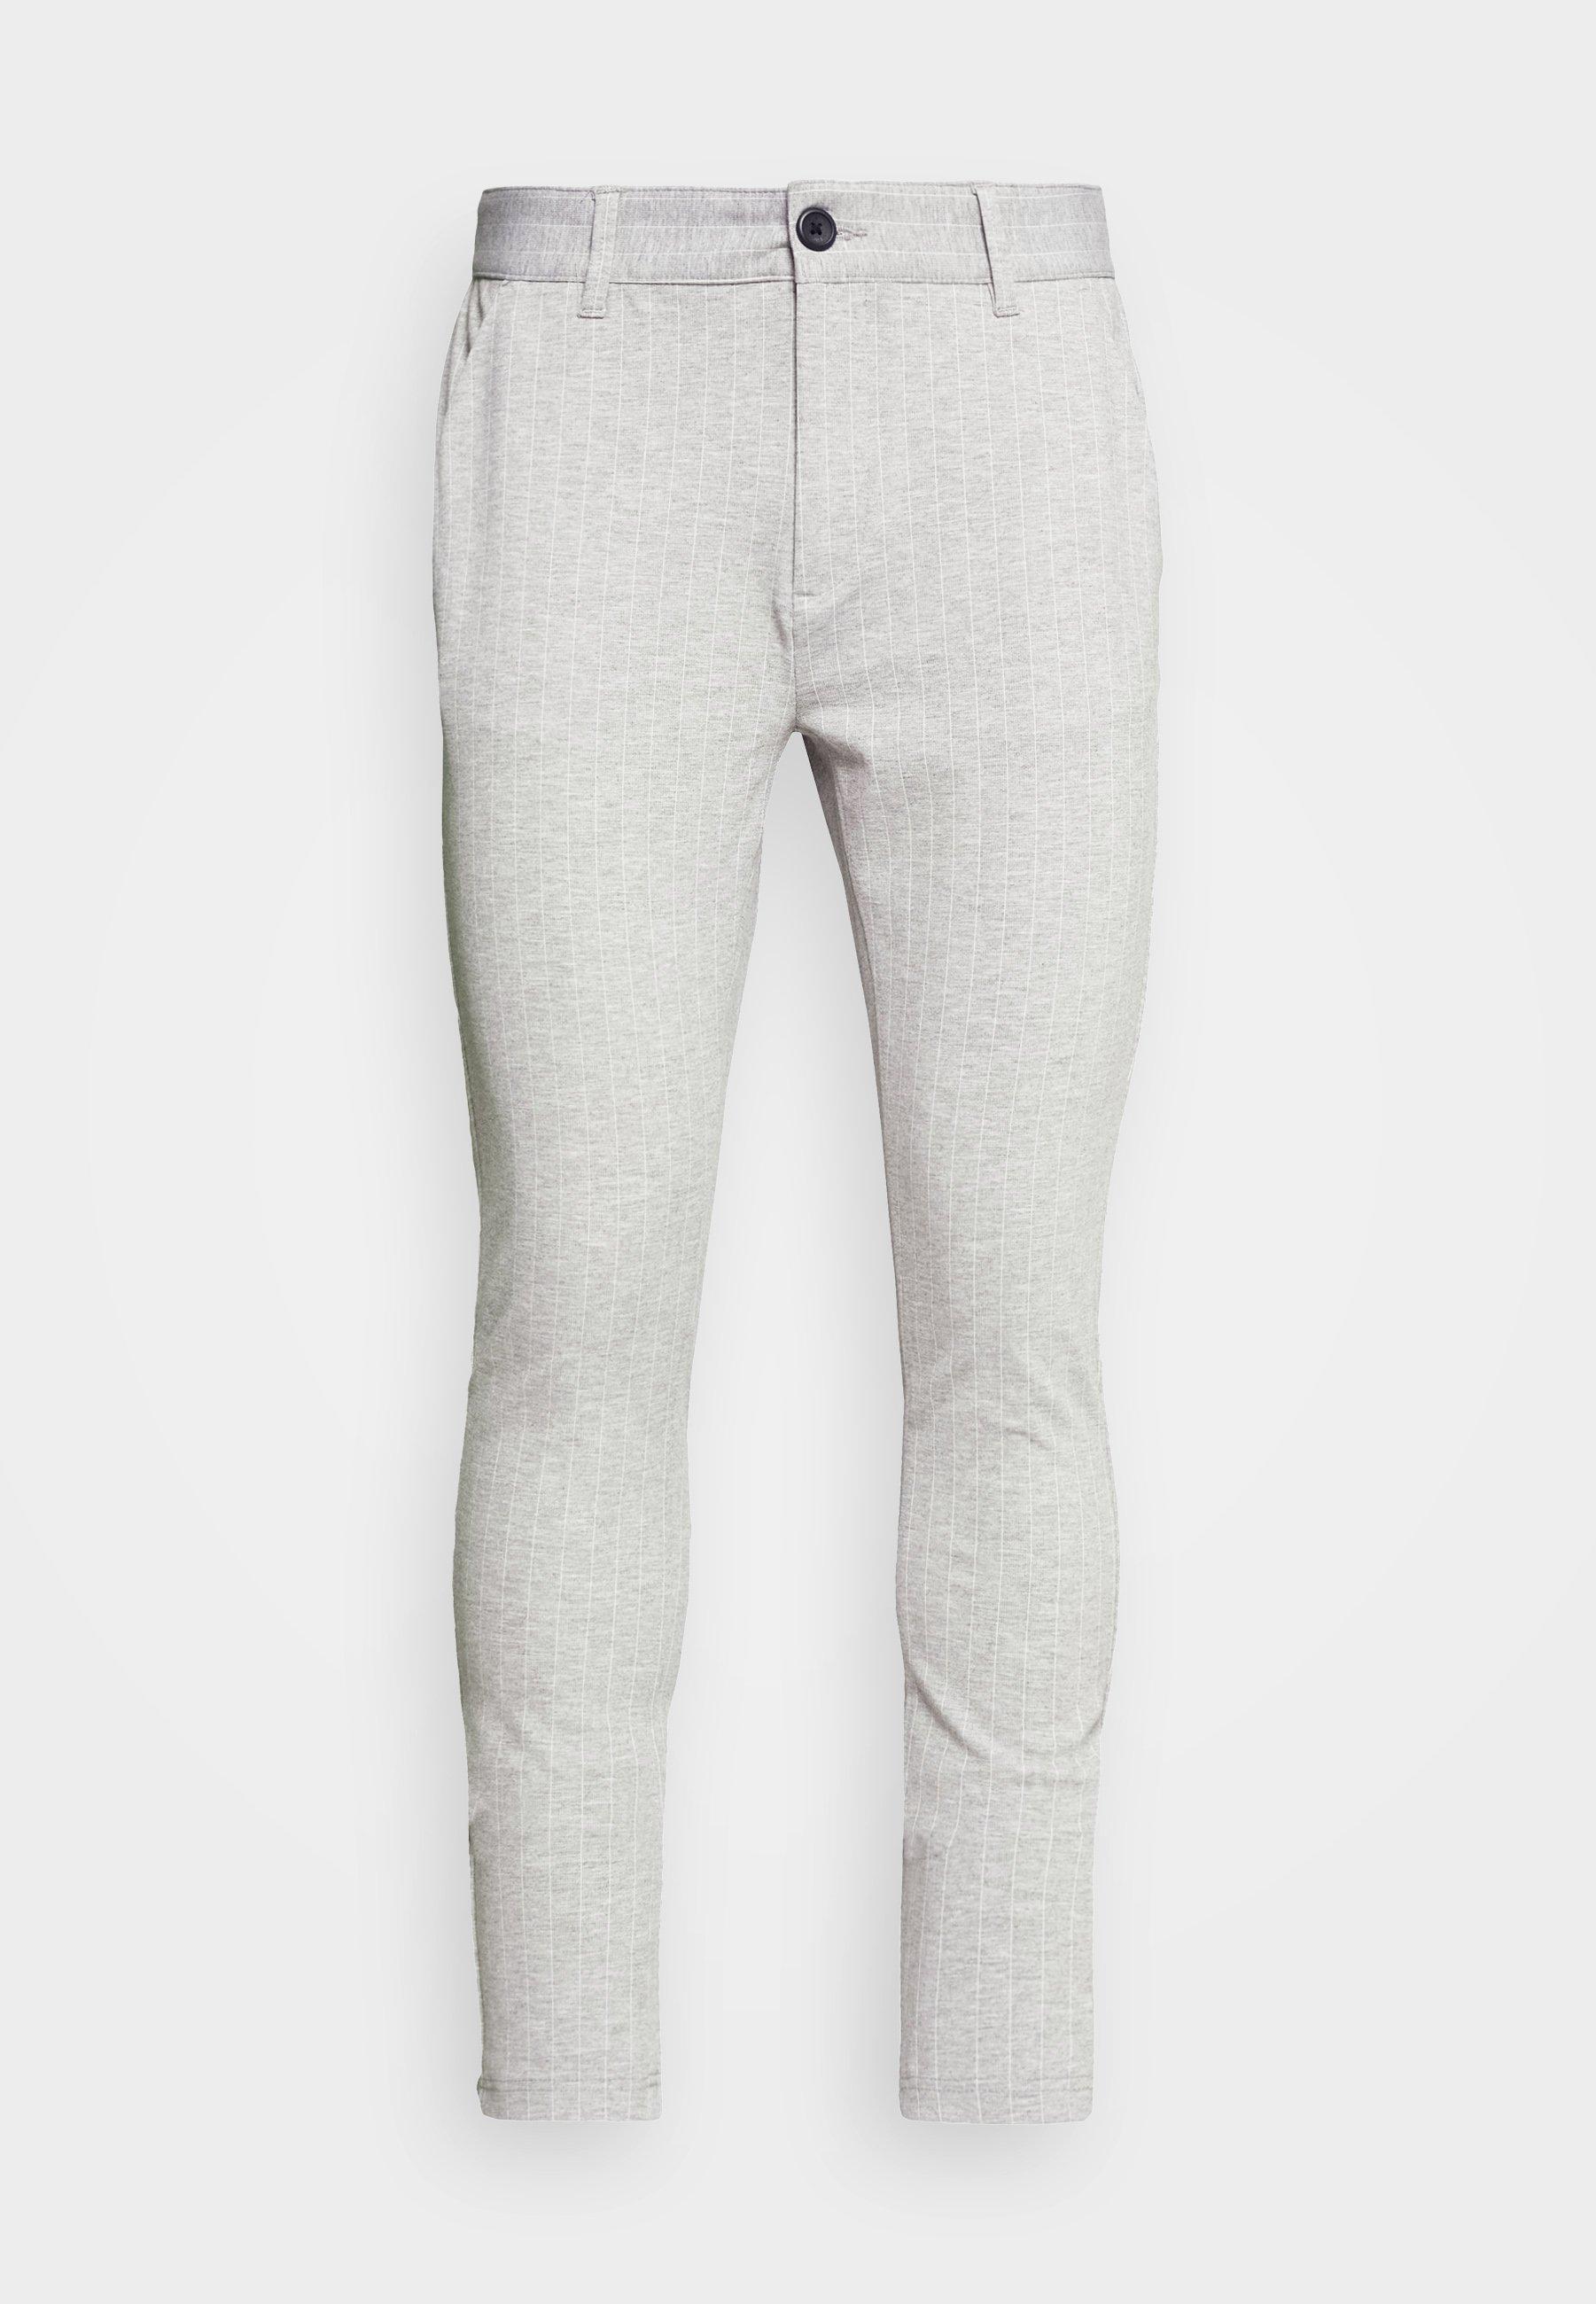 Uomo PONTE ROMA PLAIN - Pantaloni